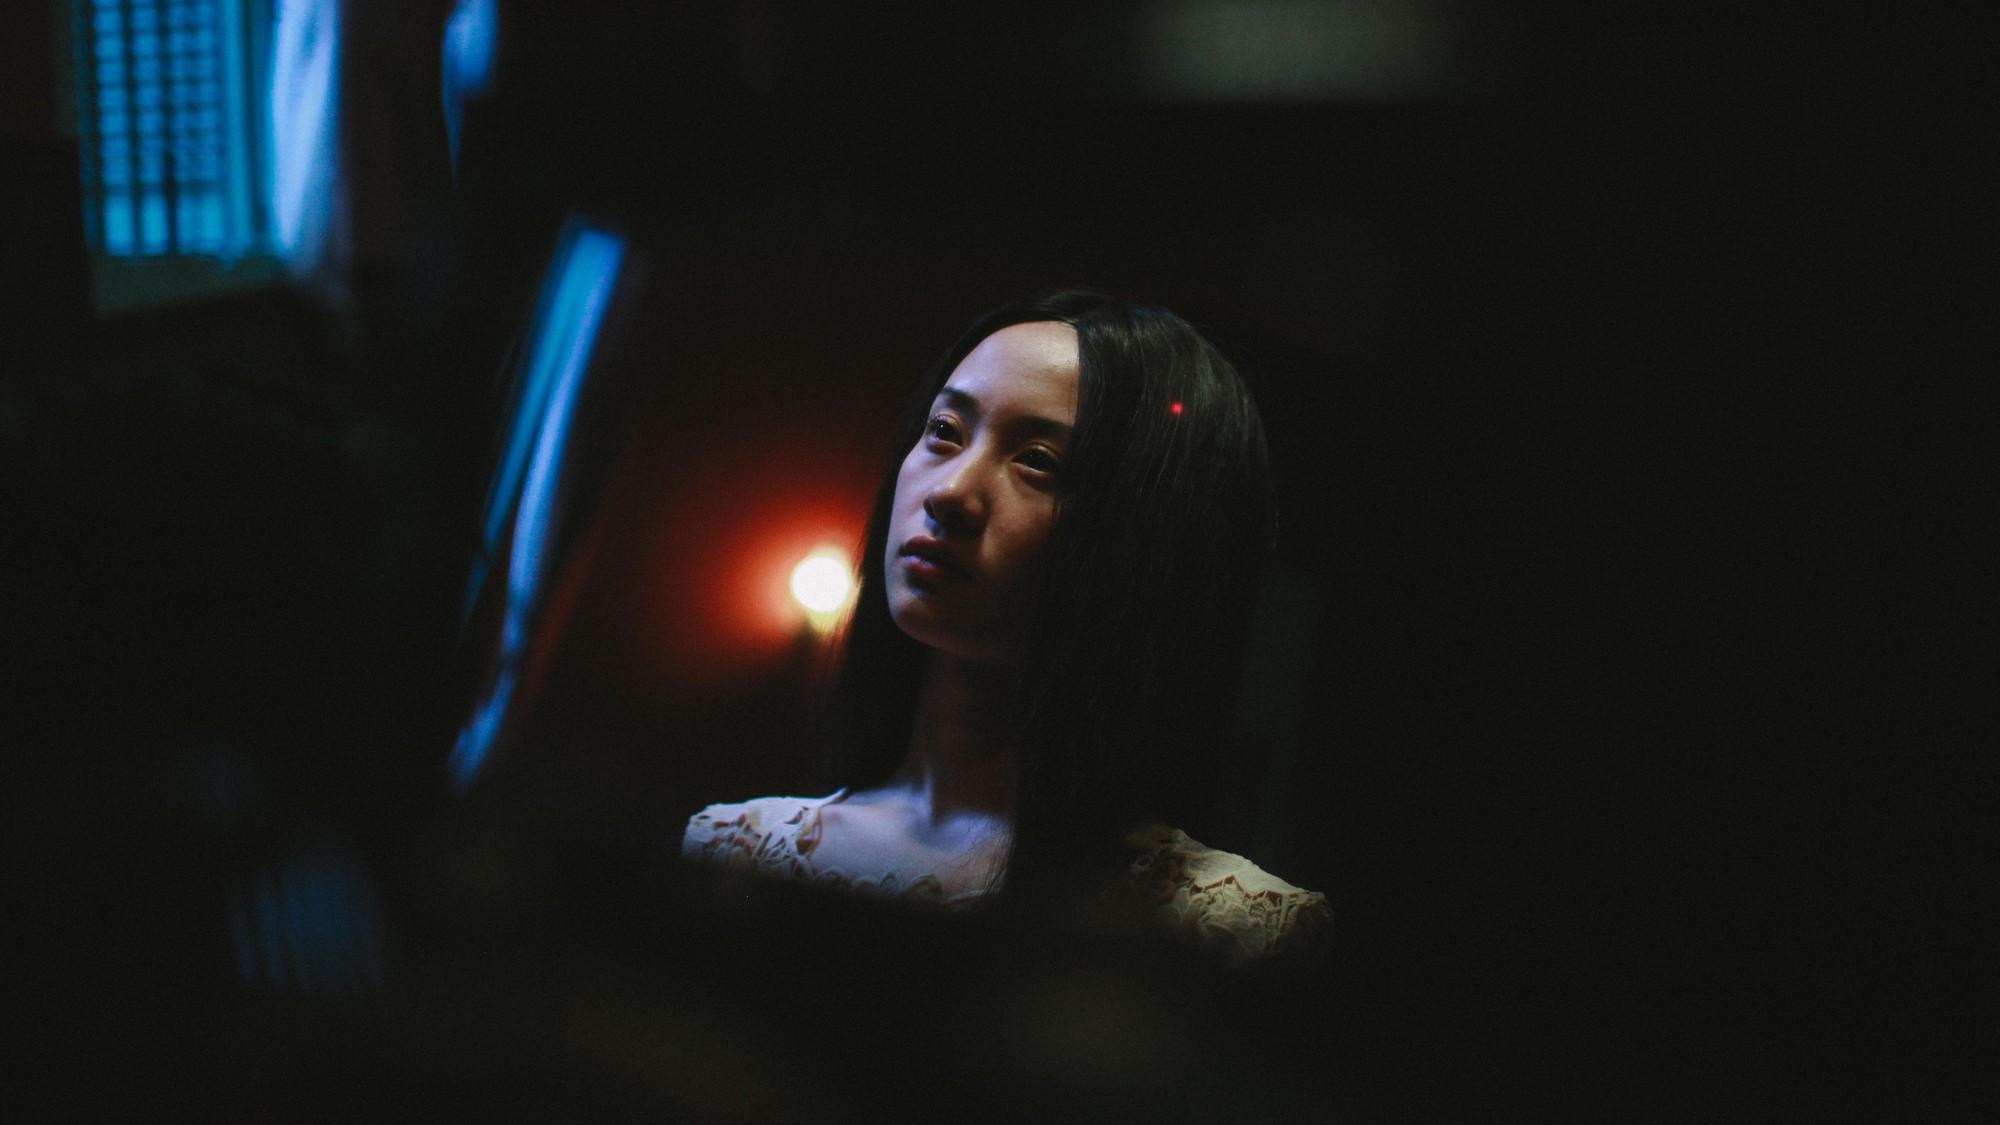 Jun Vũ tập hát ả đào, thoải mái đóng cảnh nóng trong Người Bất Tử - Ảnh 10.